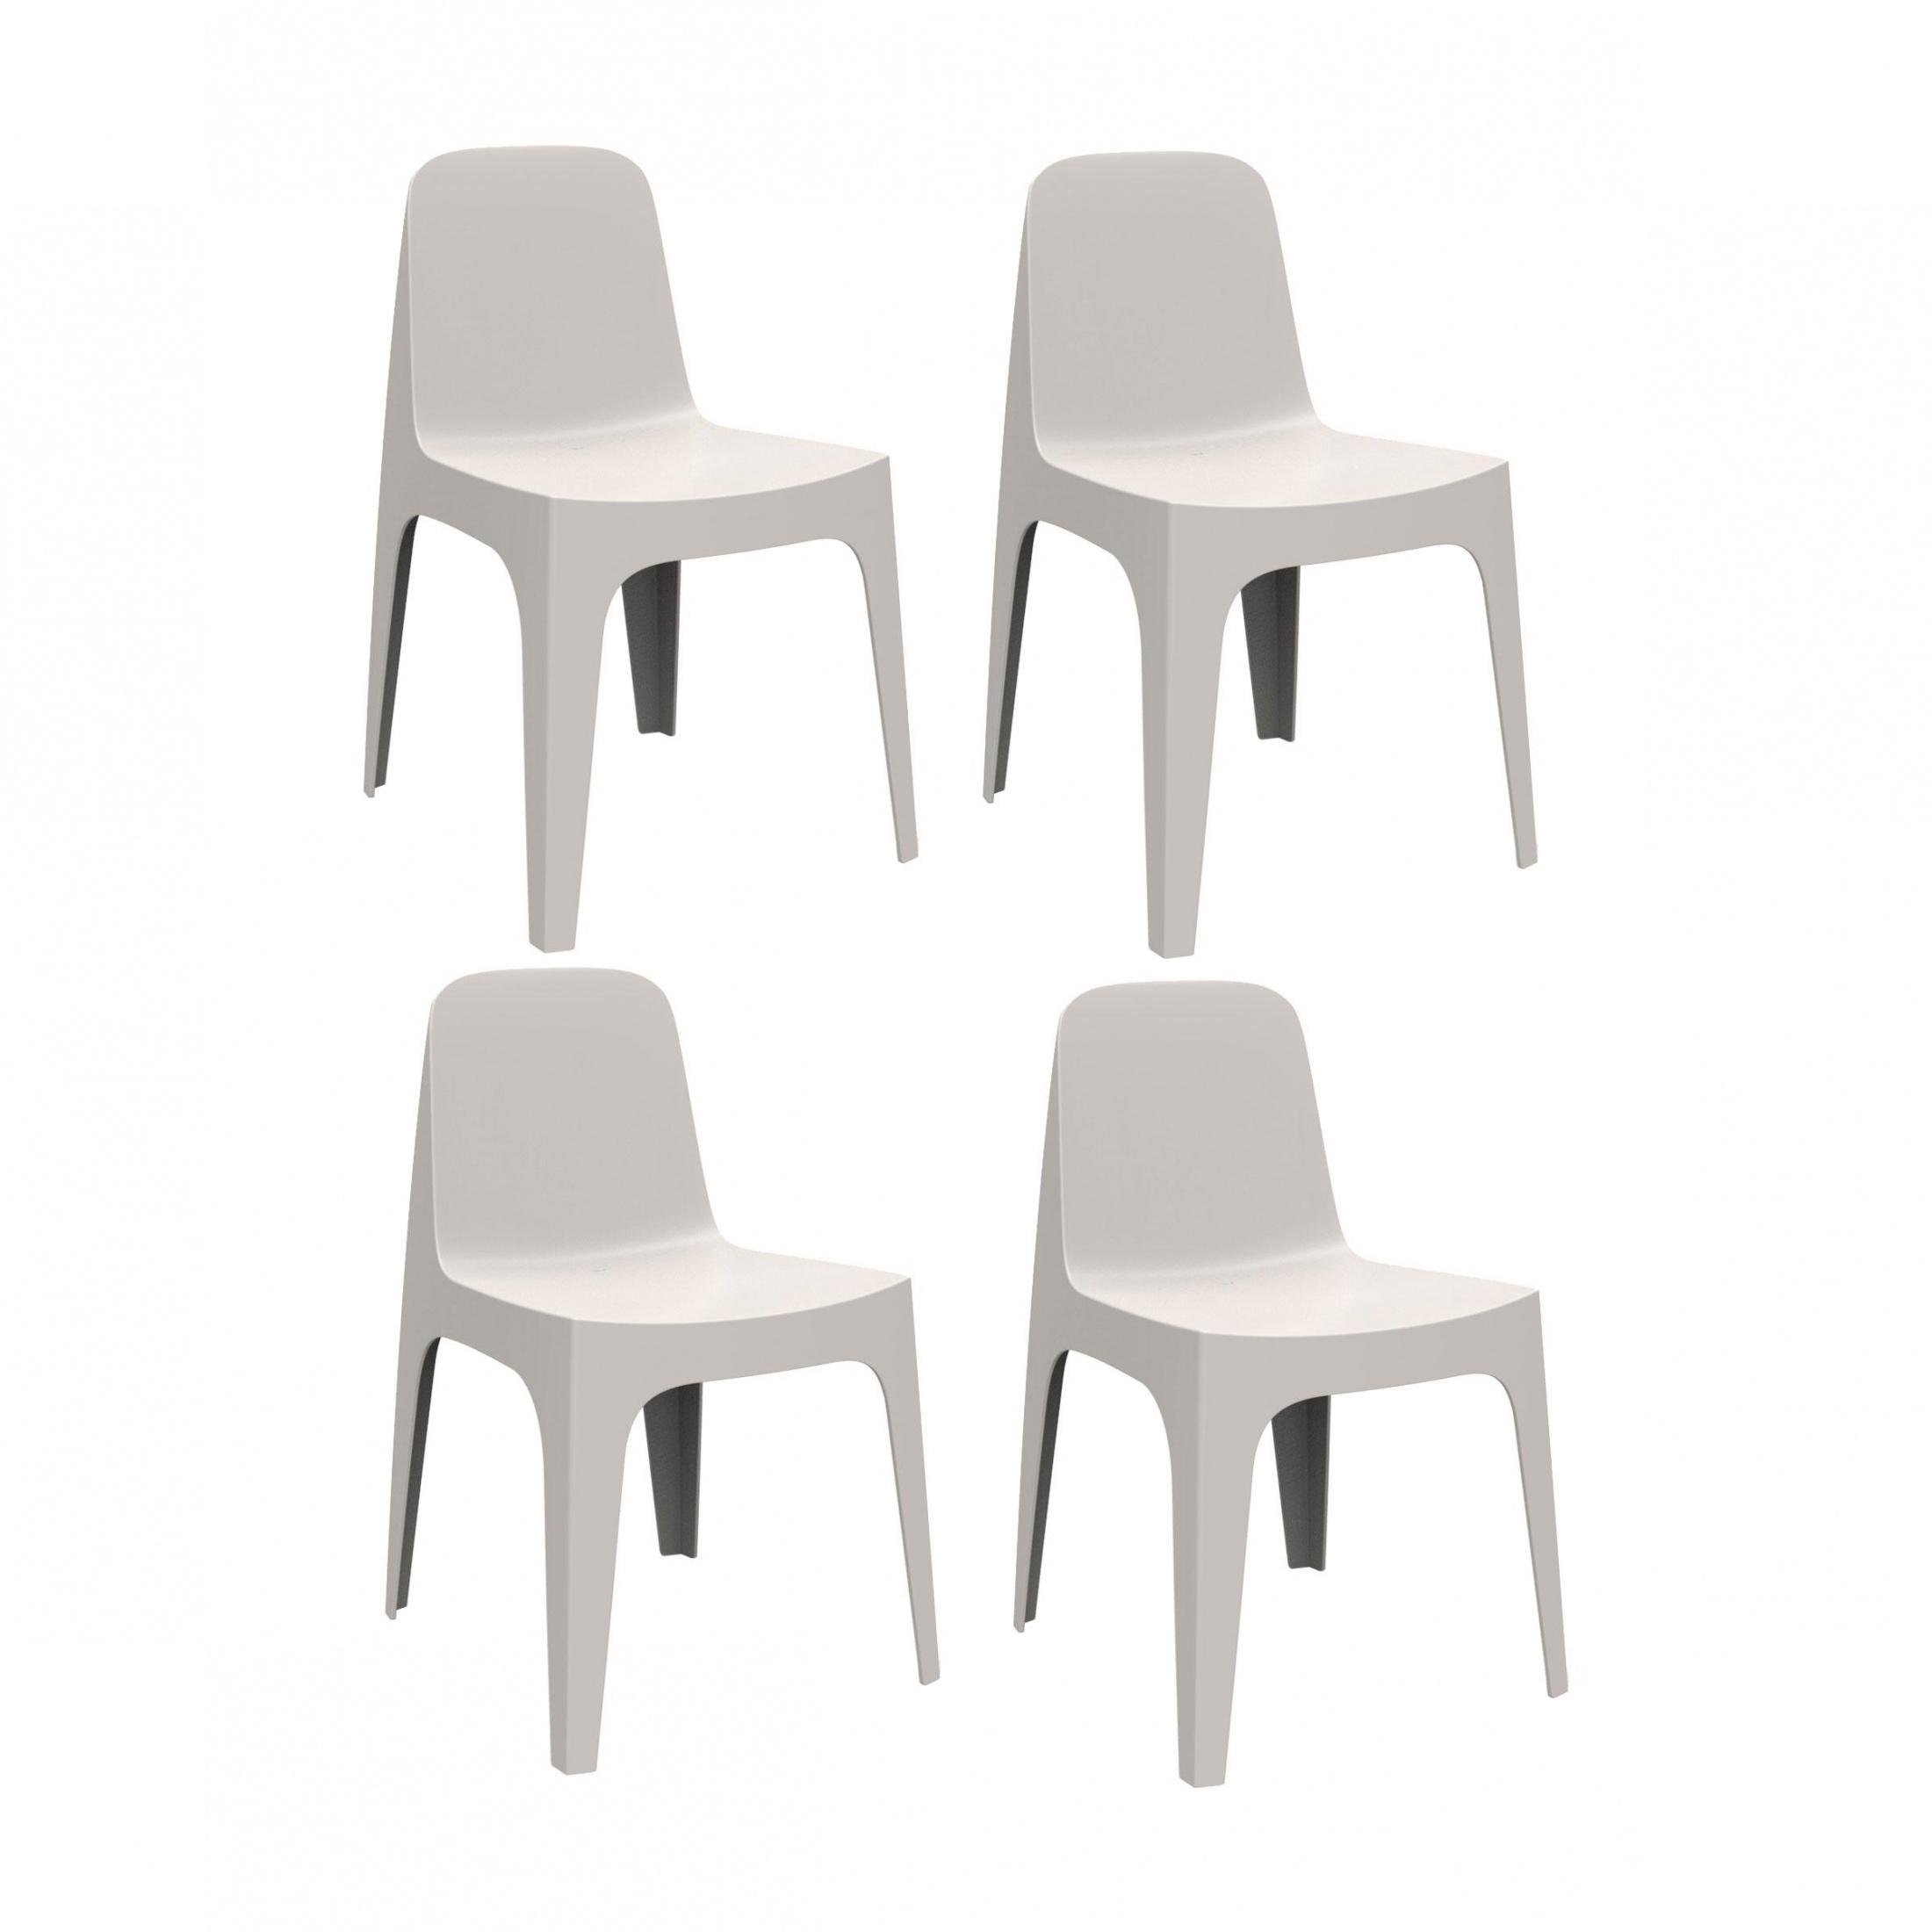 catgorie chaise de jardin page 16 du guide et comparateur d 39 achat. Black Bedroom Furniture Sets. Home Design Ideas